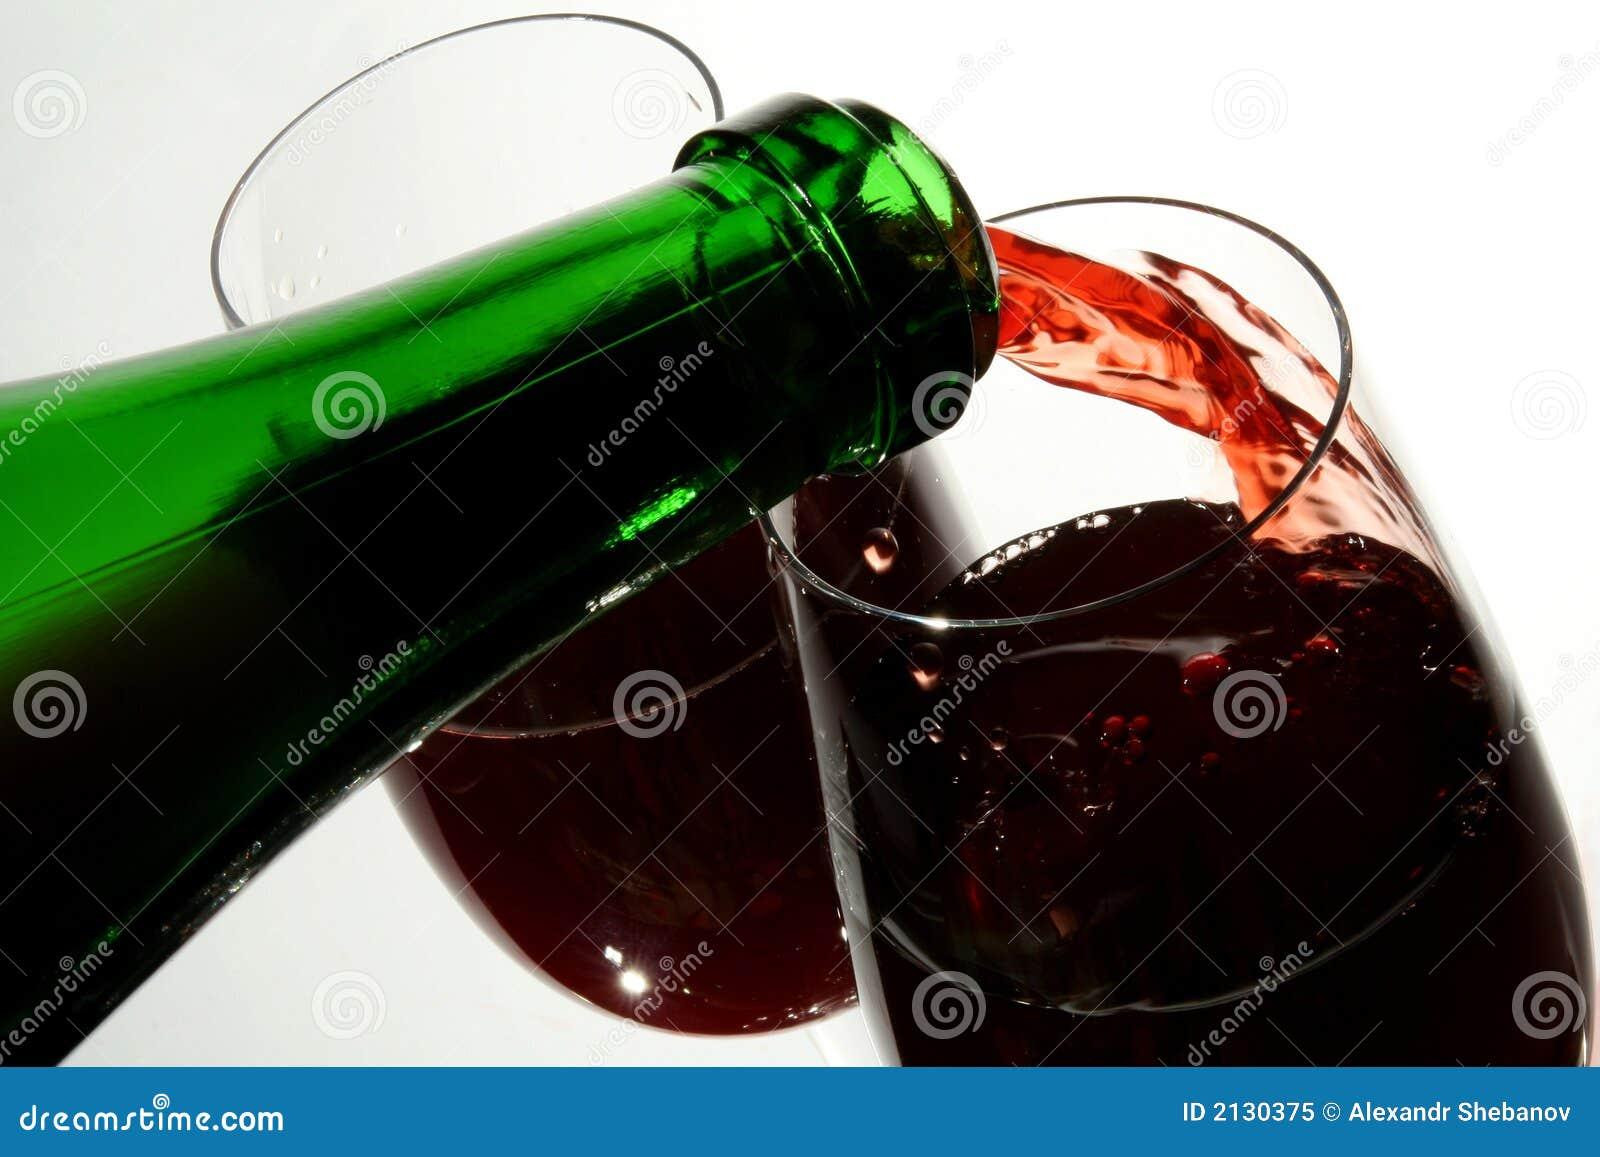 Weinglas Guter Französischer Wein Stockbild - Bild von getränk ...